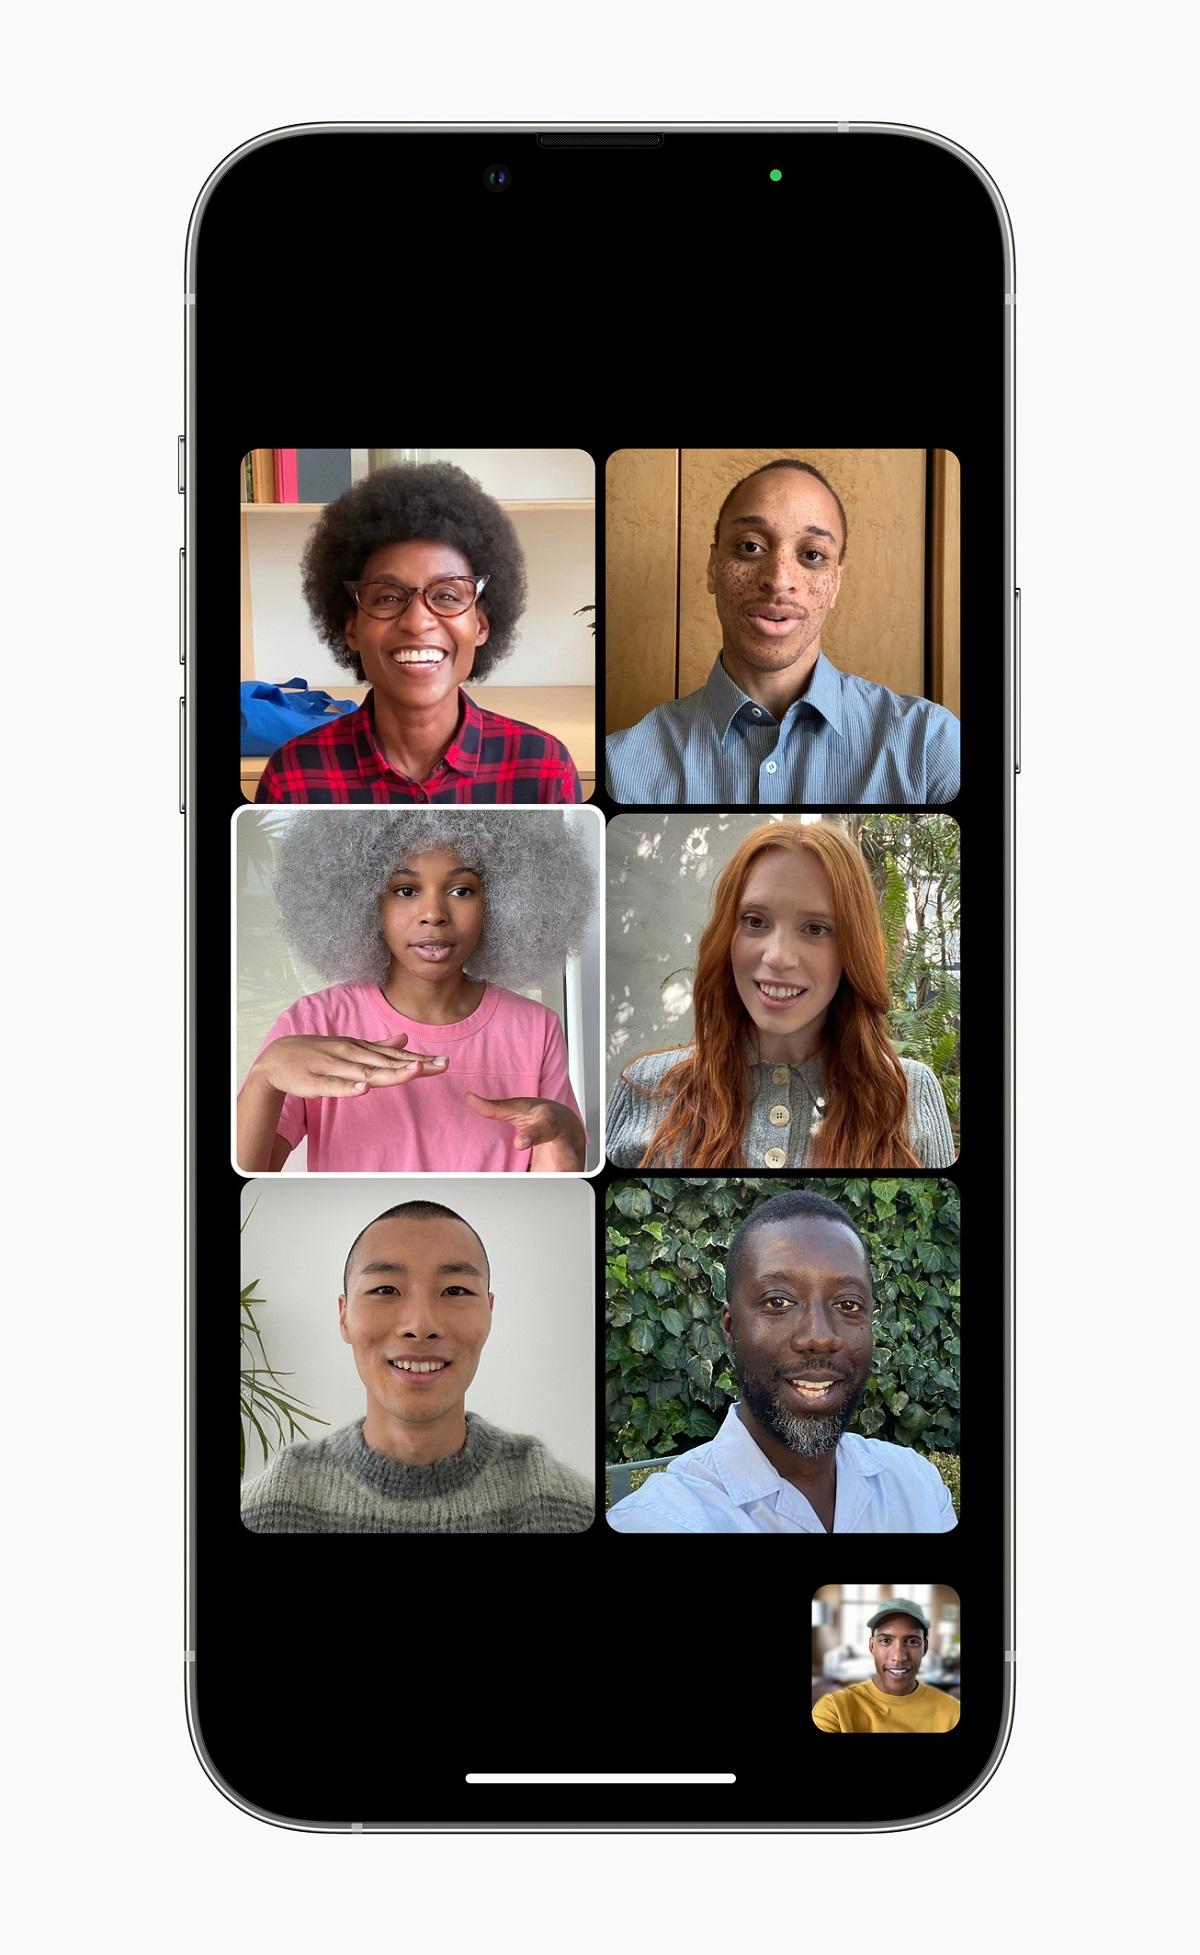 Потрясающий портретный режим из приложения «Камера» теперь оптимизирован для видеозвонков в FaceTime в iOS 15.